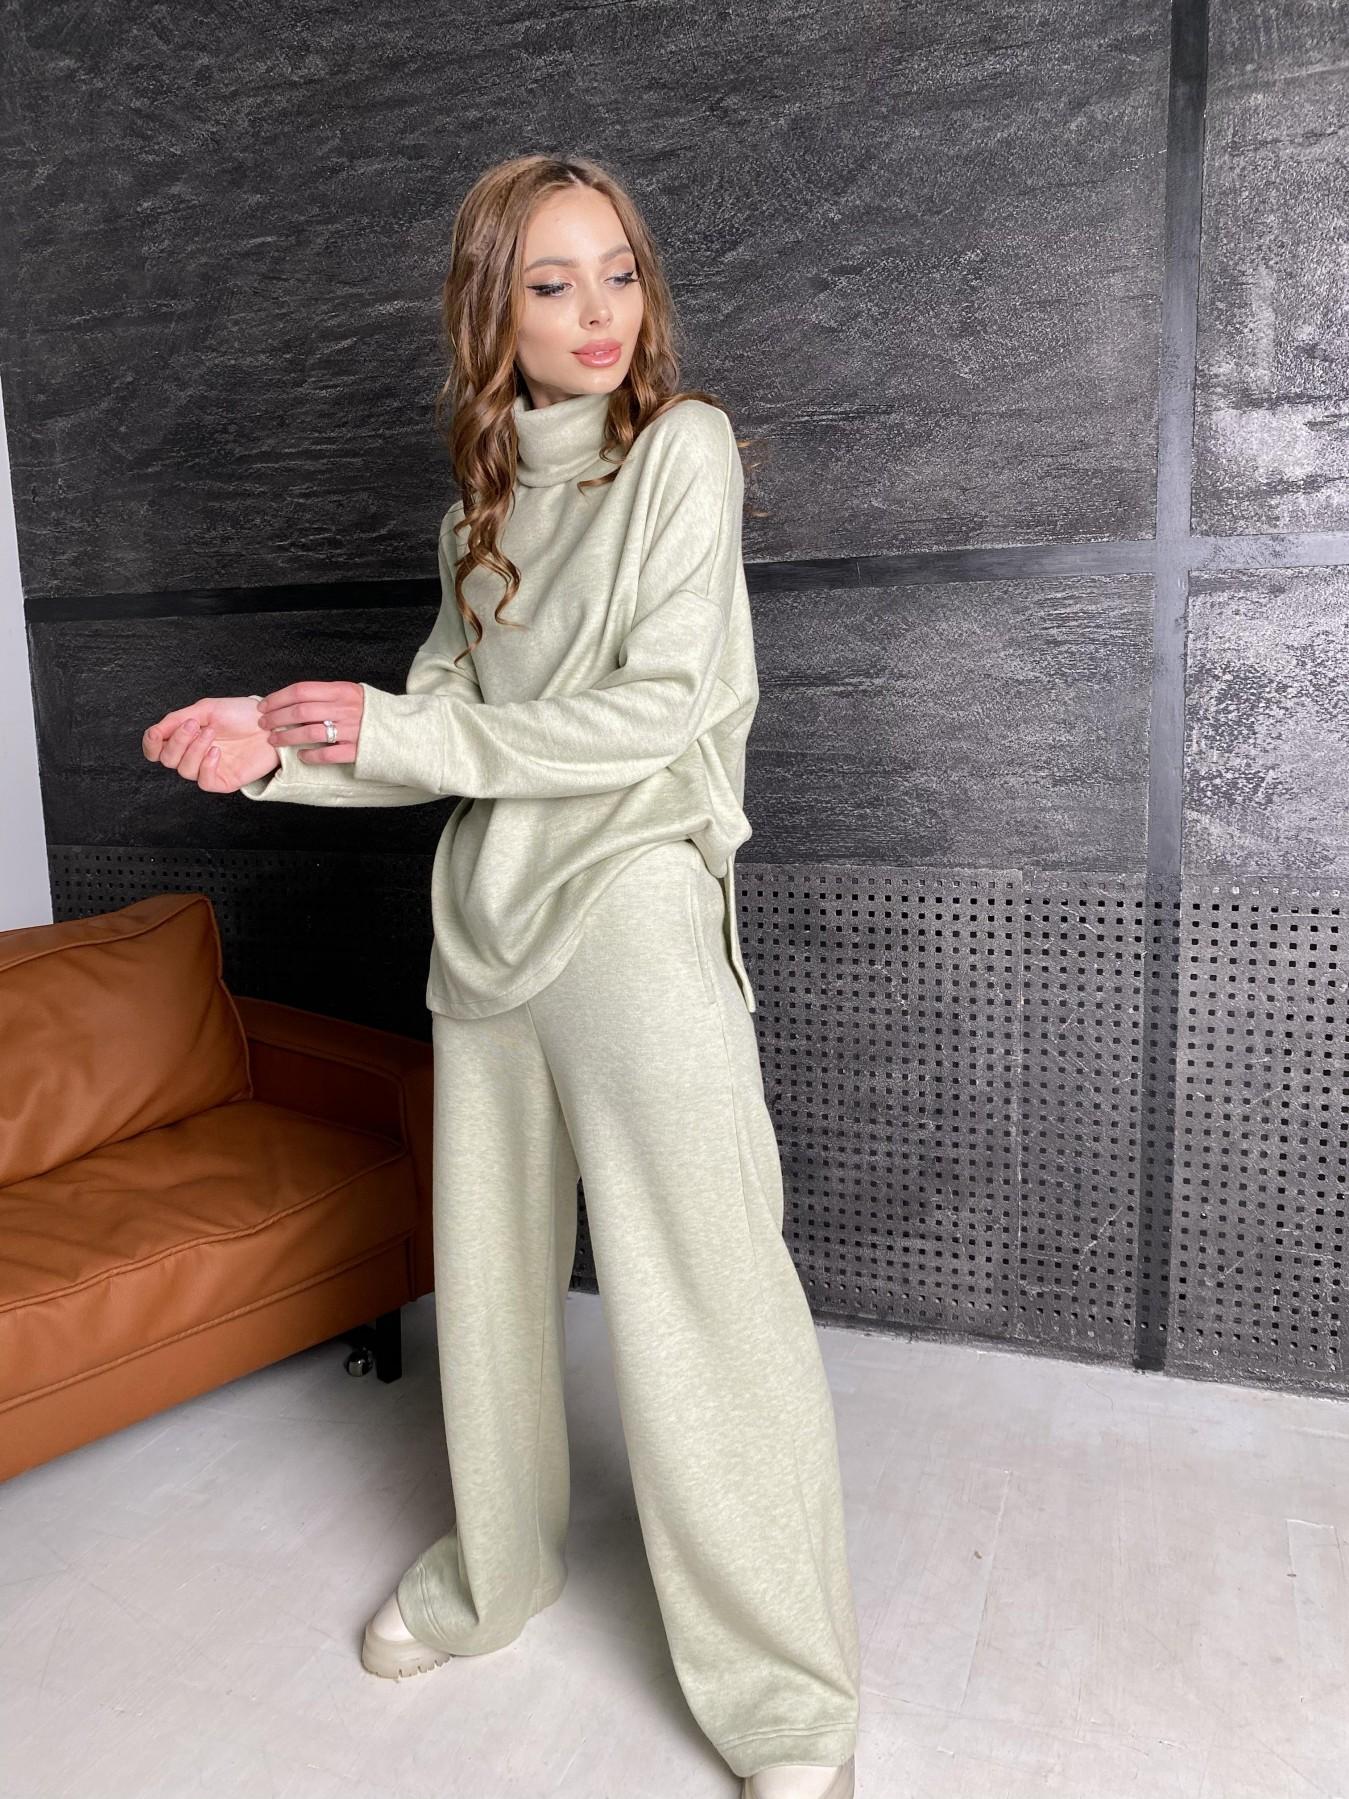 Лав Ю костюм из ангоры 10531 АРТ. 46873 Цвет: Фисташковый - фото 6, интернет магазин tm-modus.ru